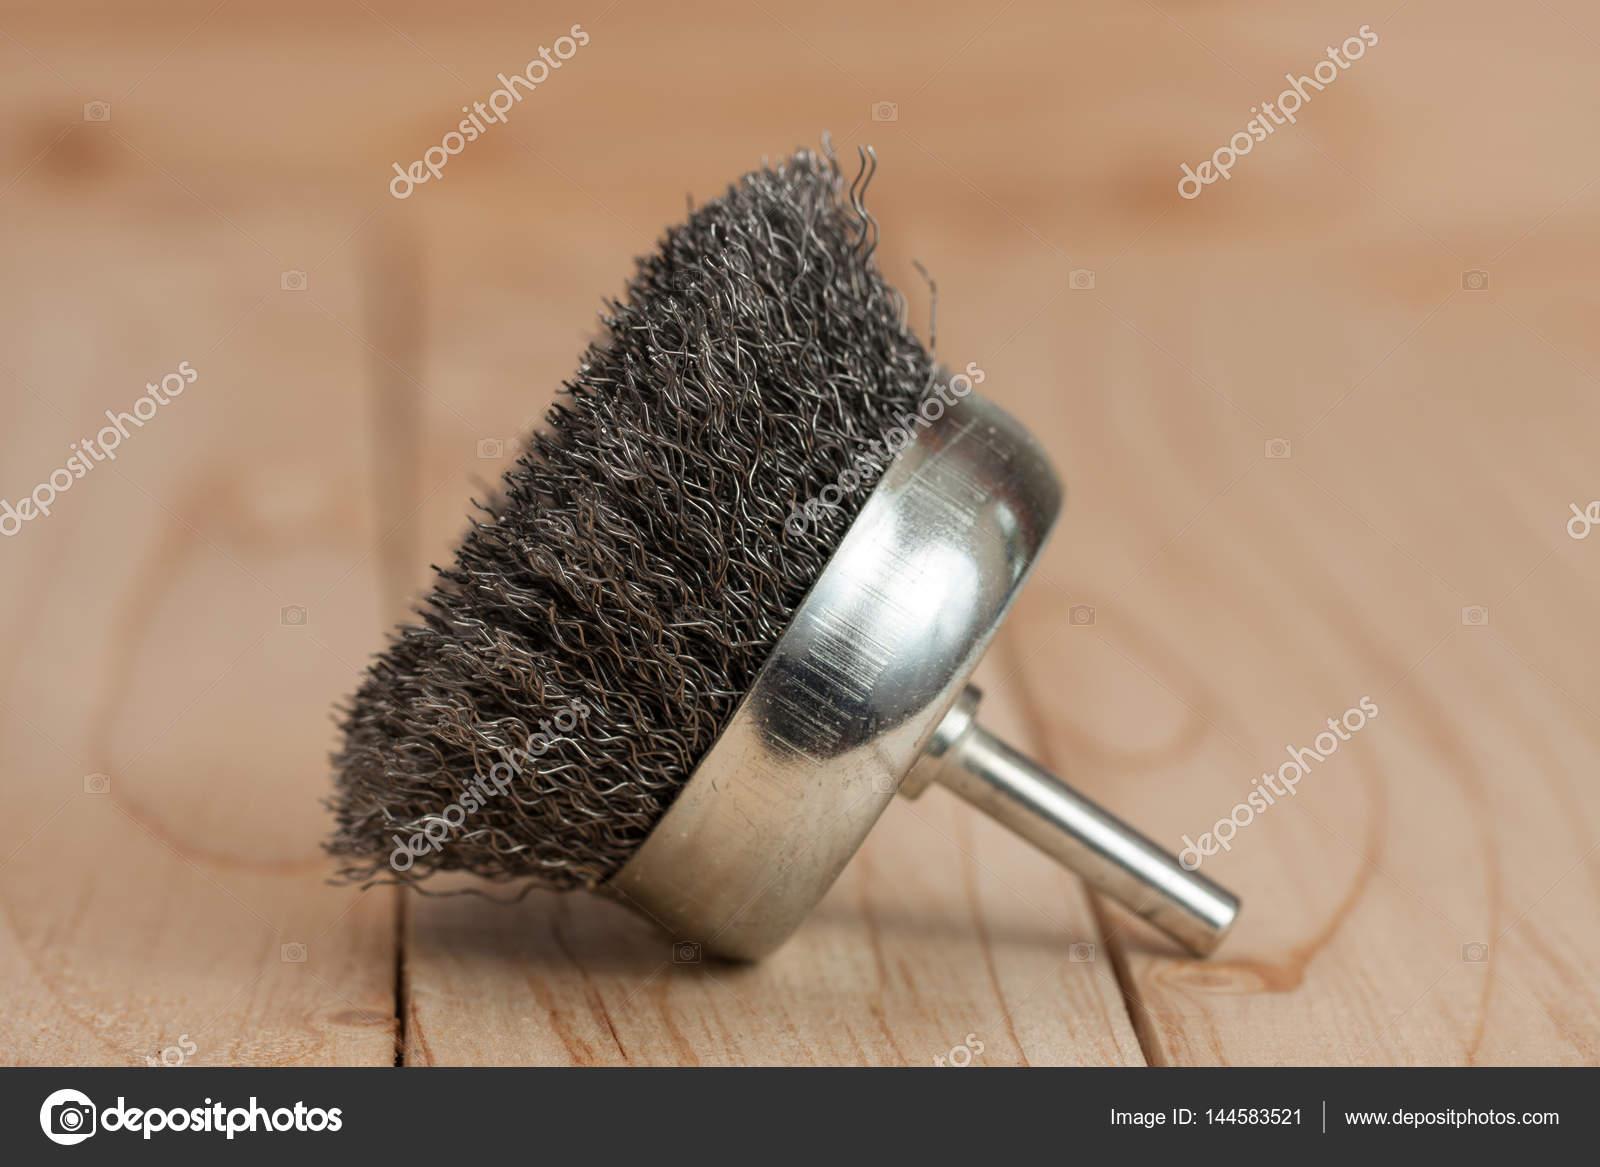 brosse m tallique sur une perceuse pour enlever la rouille sur un fond en bois clair. Black Bedroom Furniture Sets. Home Design Ideas